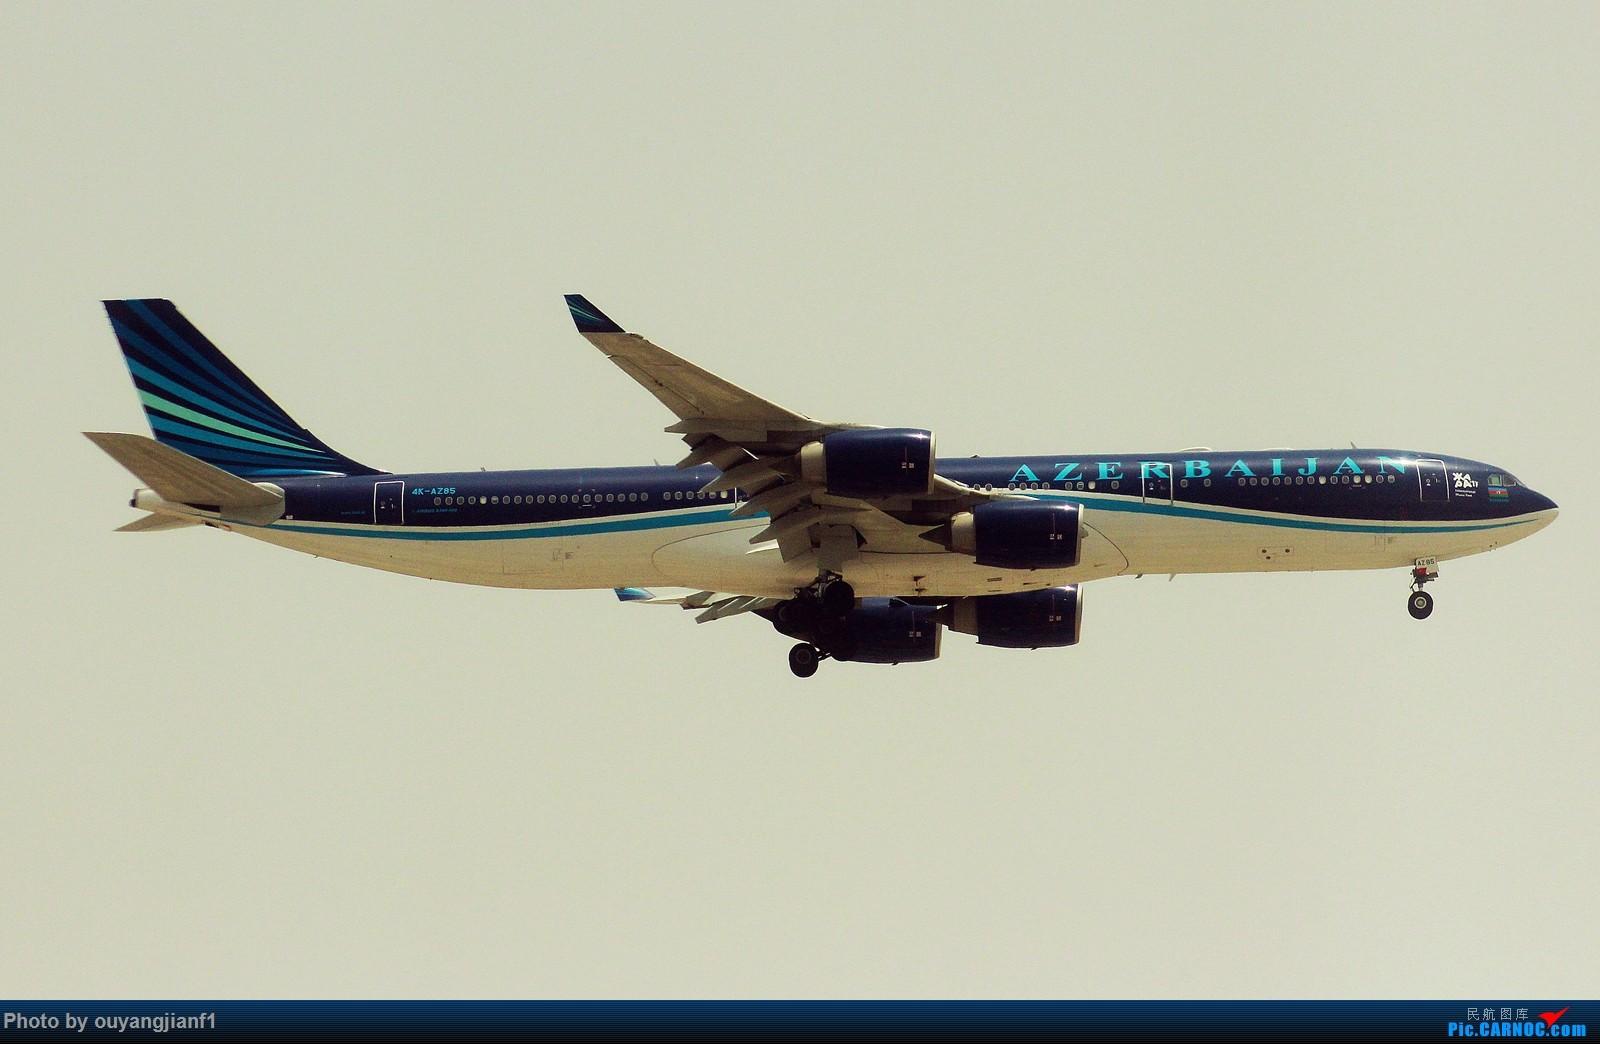 Re:很多年没有来贴图区了,记一次本不在计划中的迪拜拍机之行,在漫天黄沙中EK的380和777真的看到吐血.... AIRBUS A340-500 4K-AZ85 阿拉伯联合酋长国迪拜国际机场